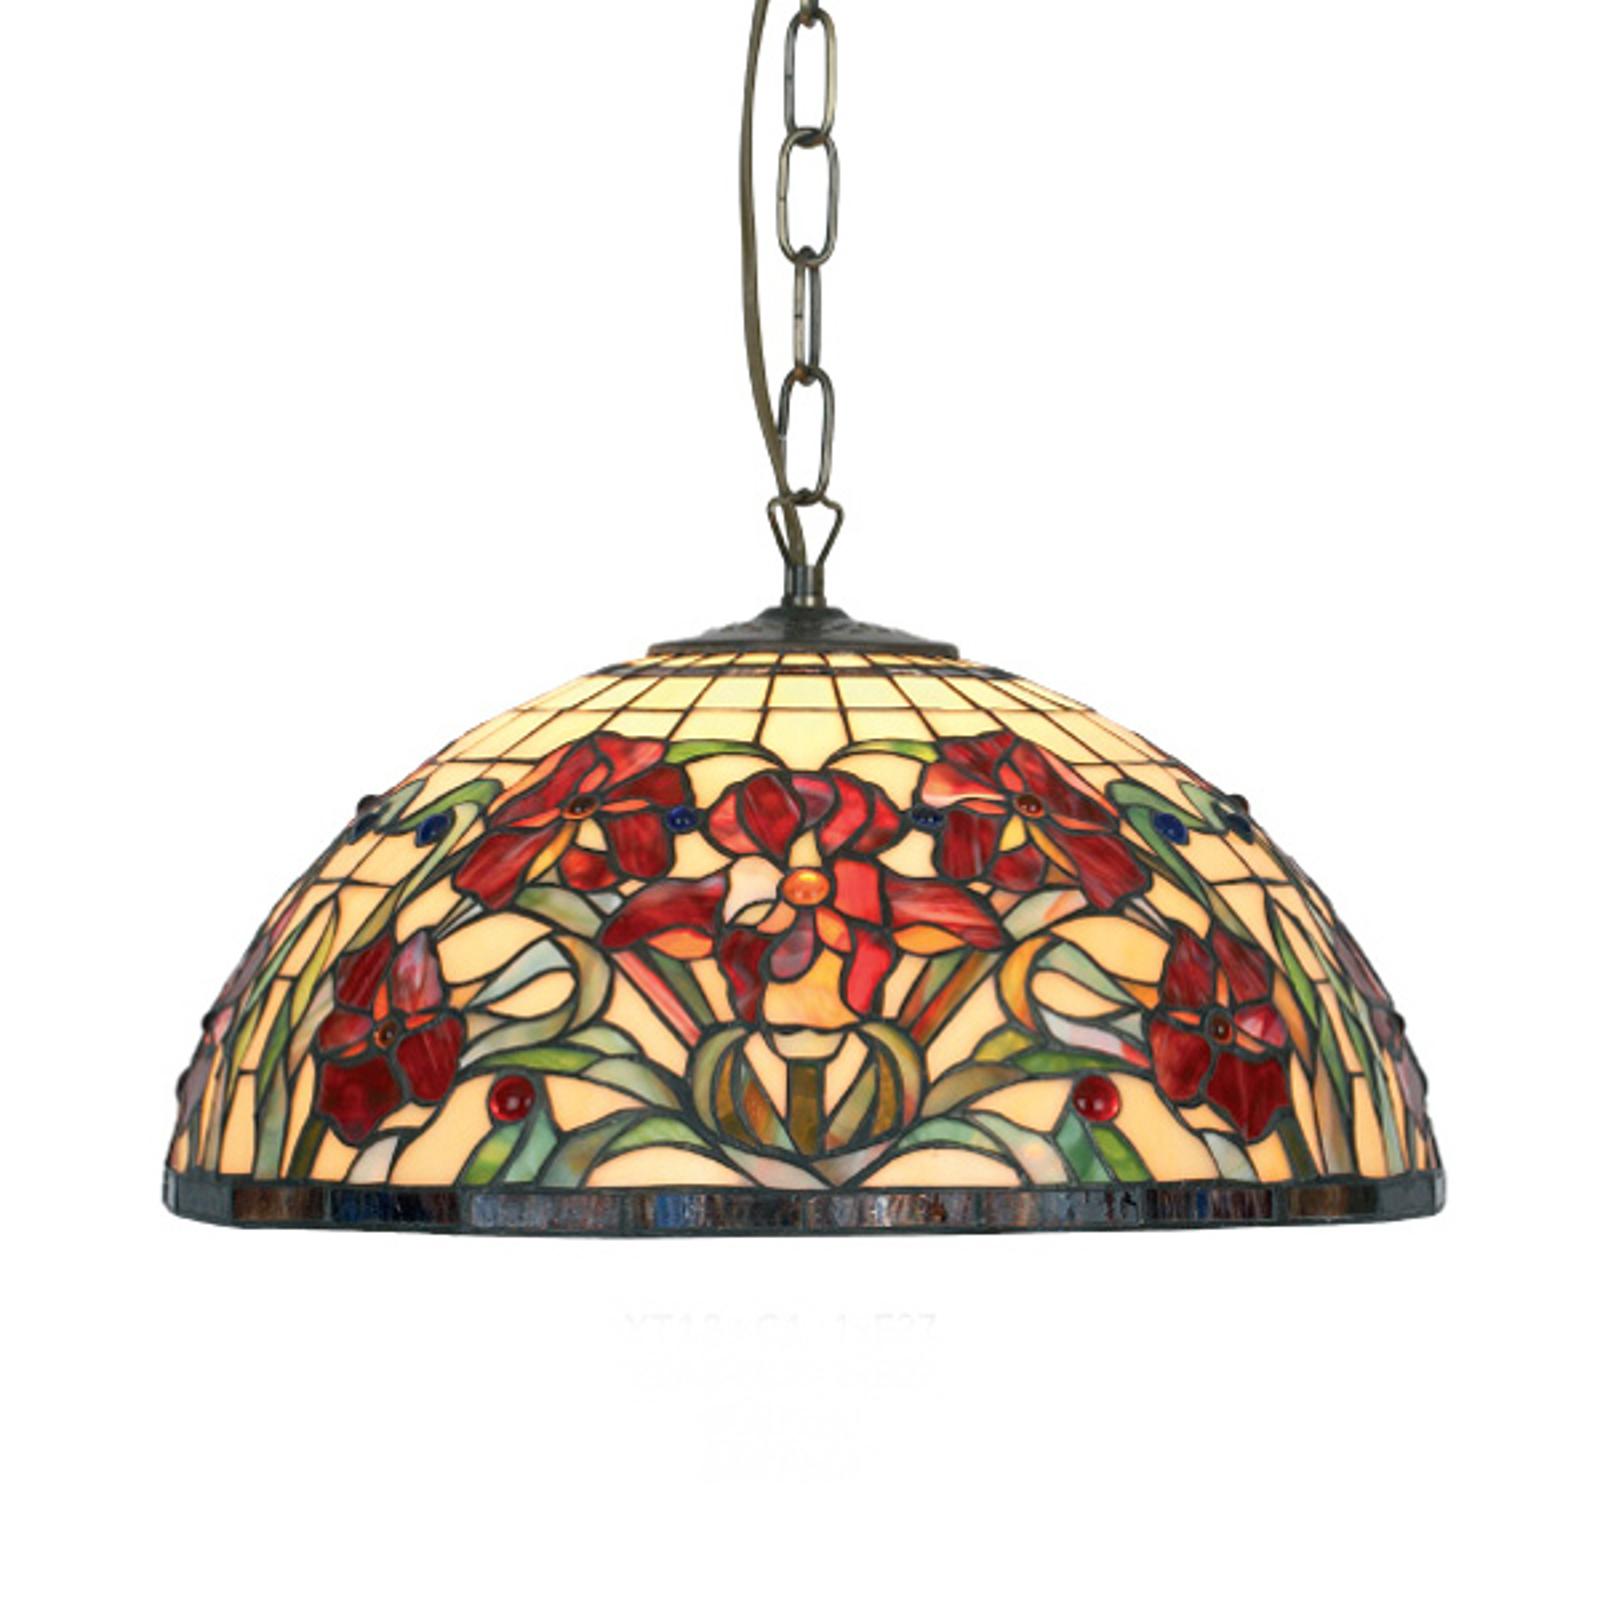 Klasická závesná lampa ELINE, 1xE27_1032166_1